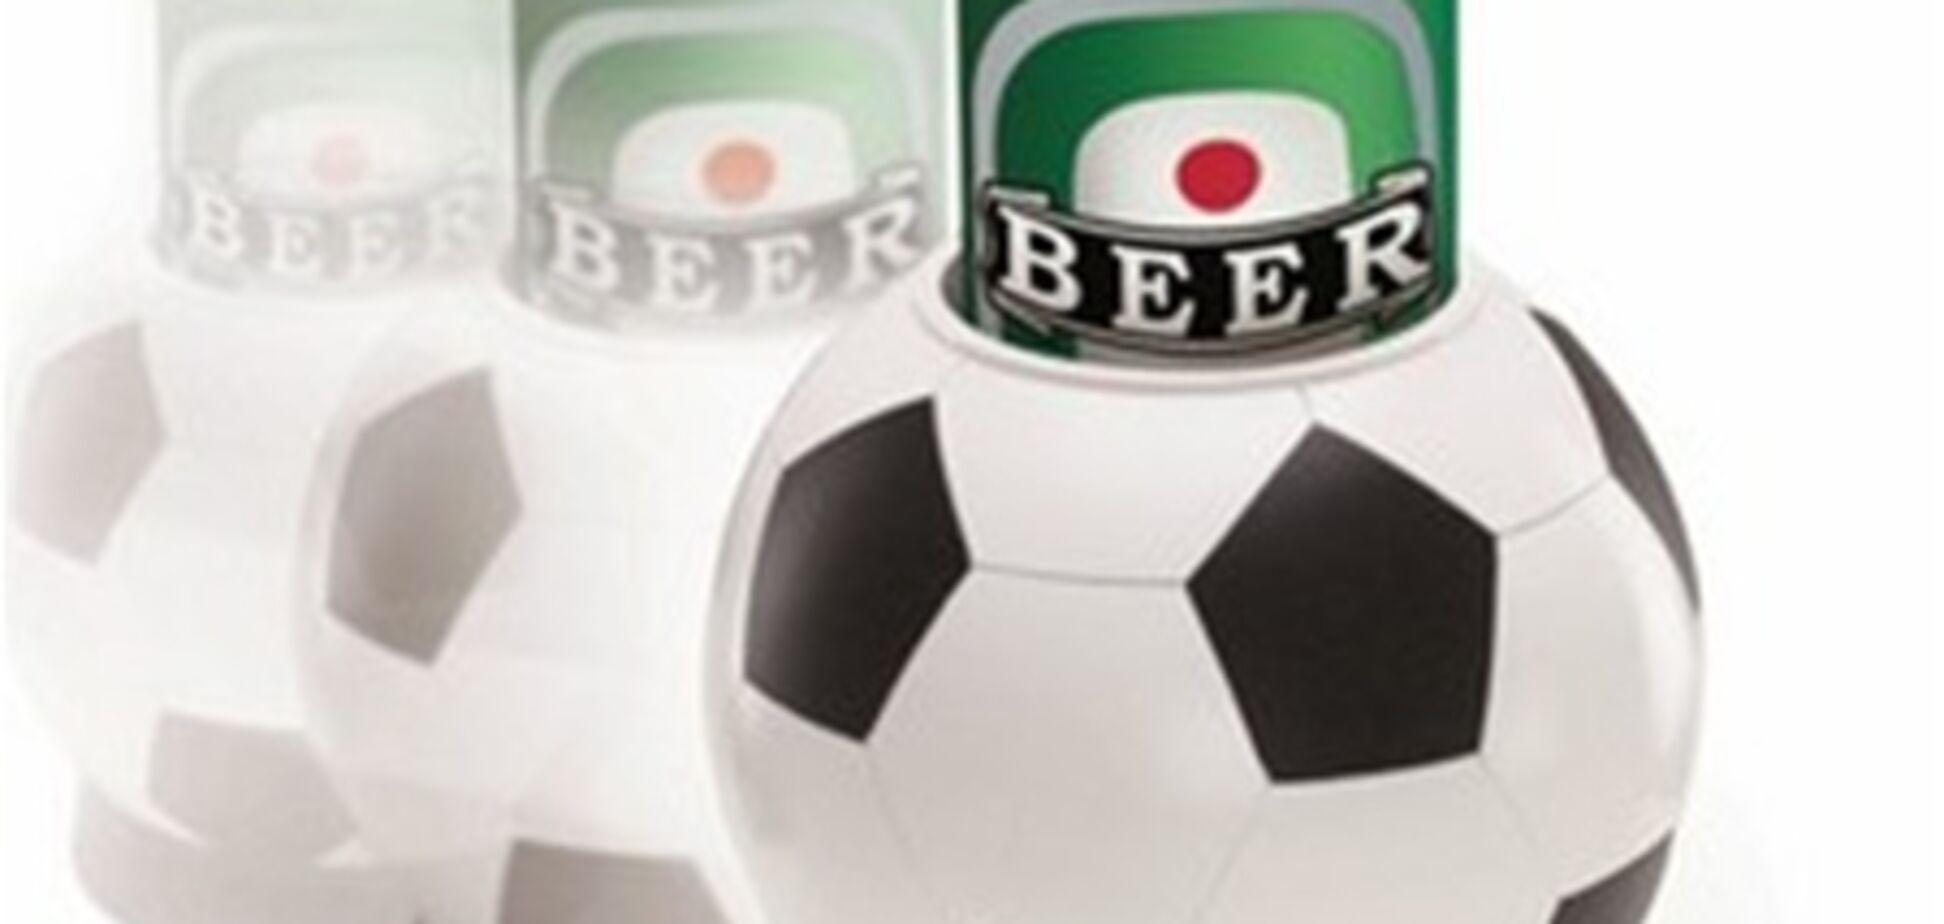 Сборная России по футболу 'ударила' по пиву